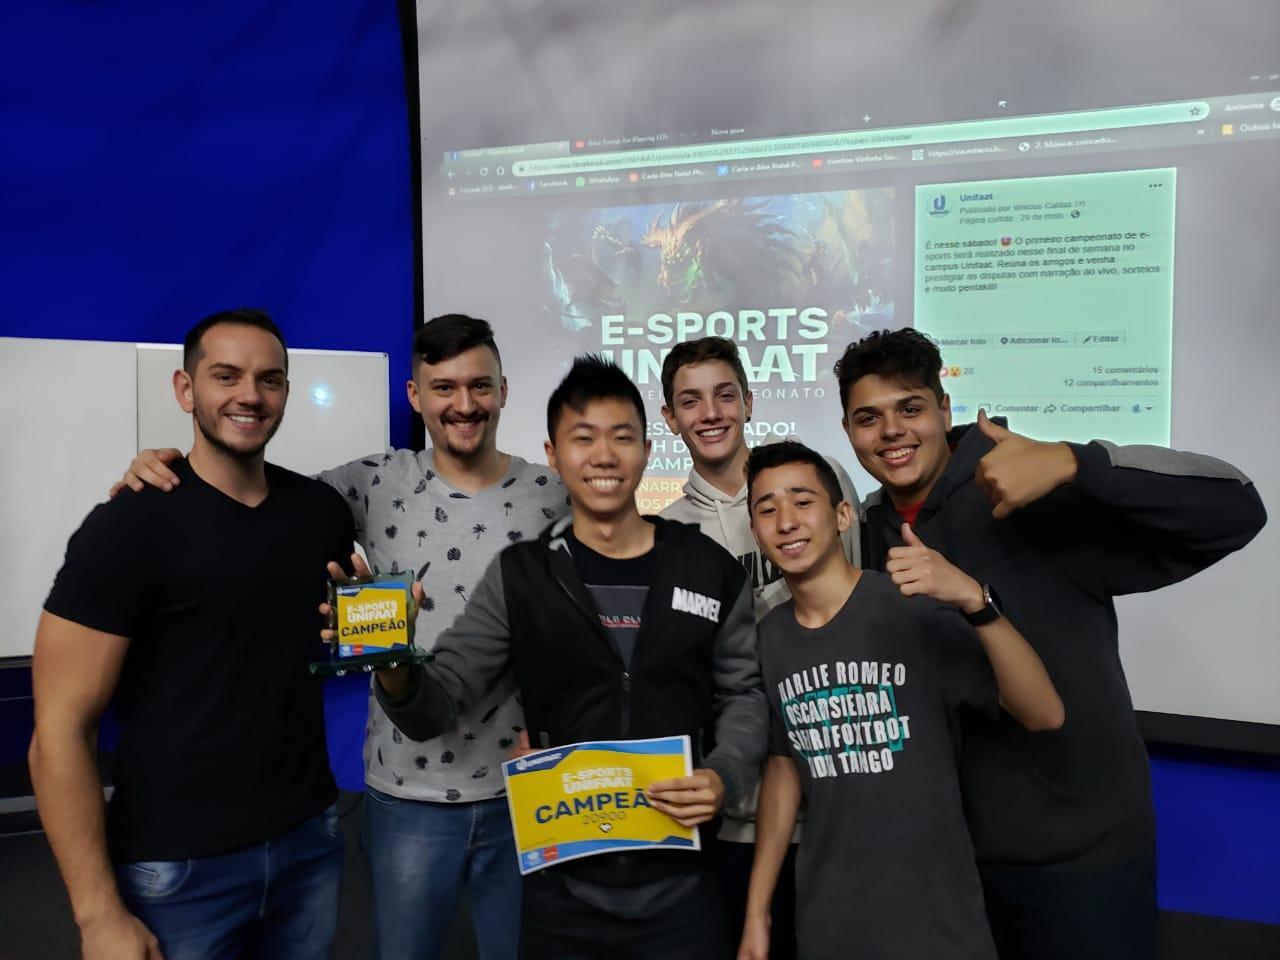 UNIFAAT realiza o primeiro E-SPORTS da região